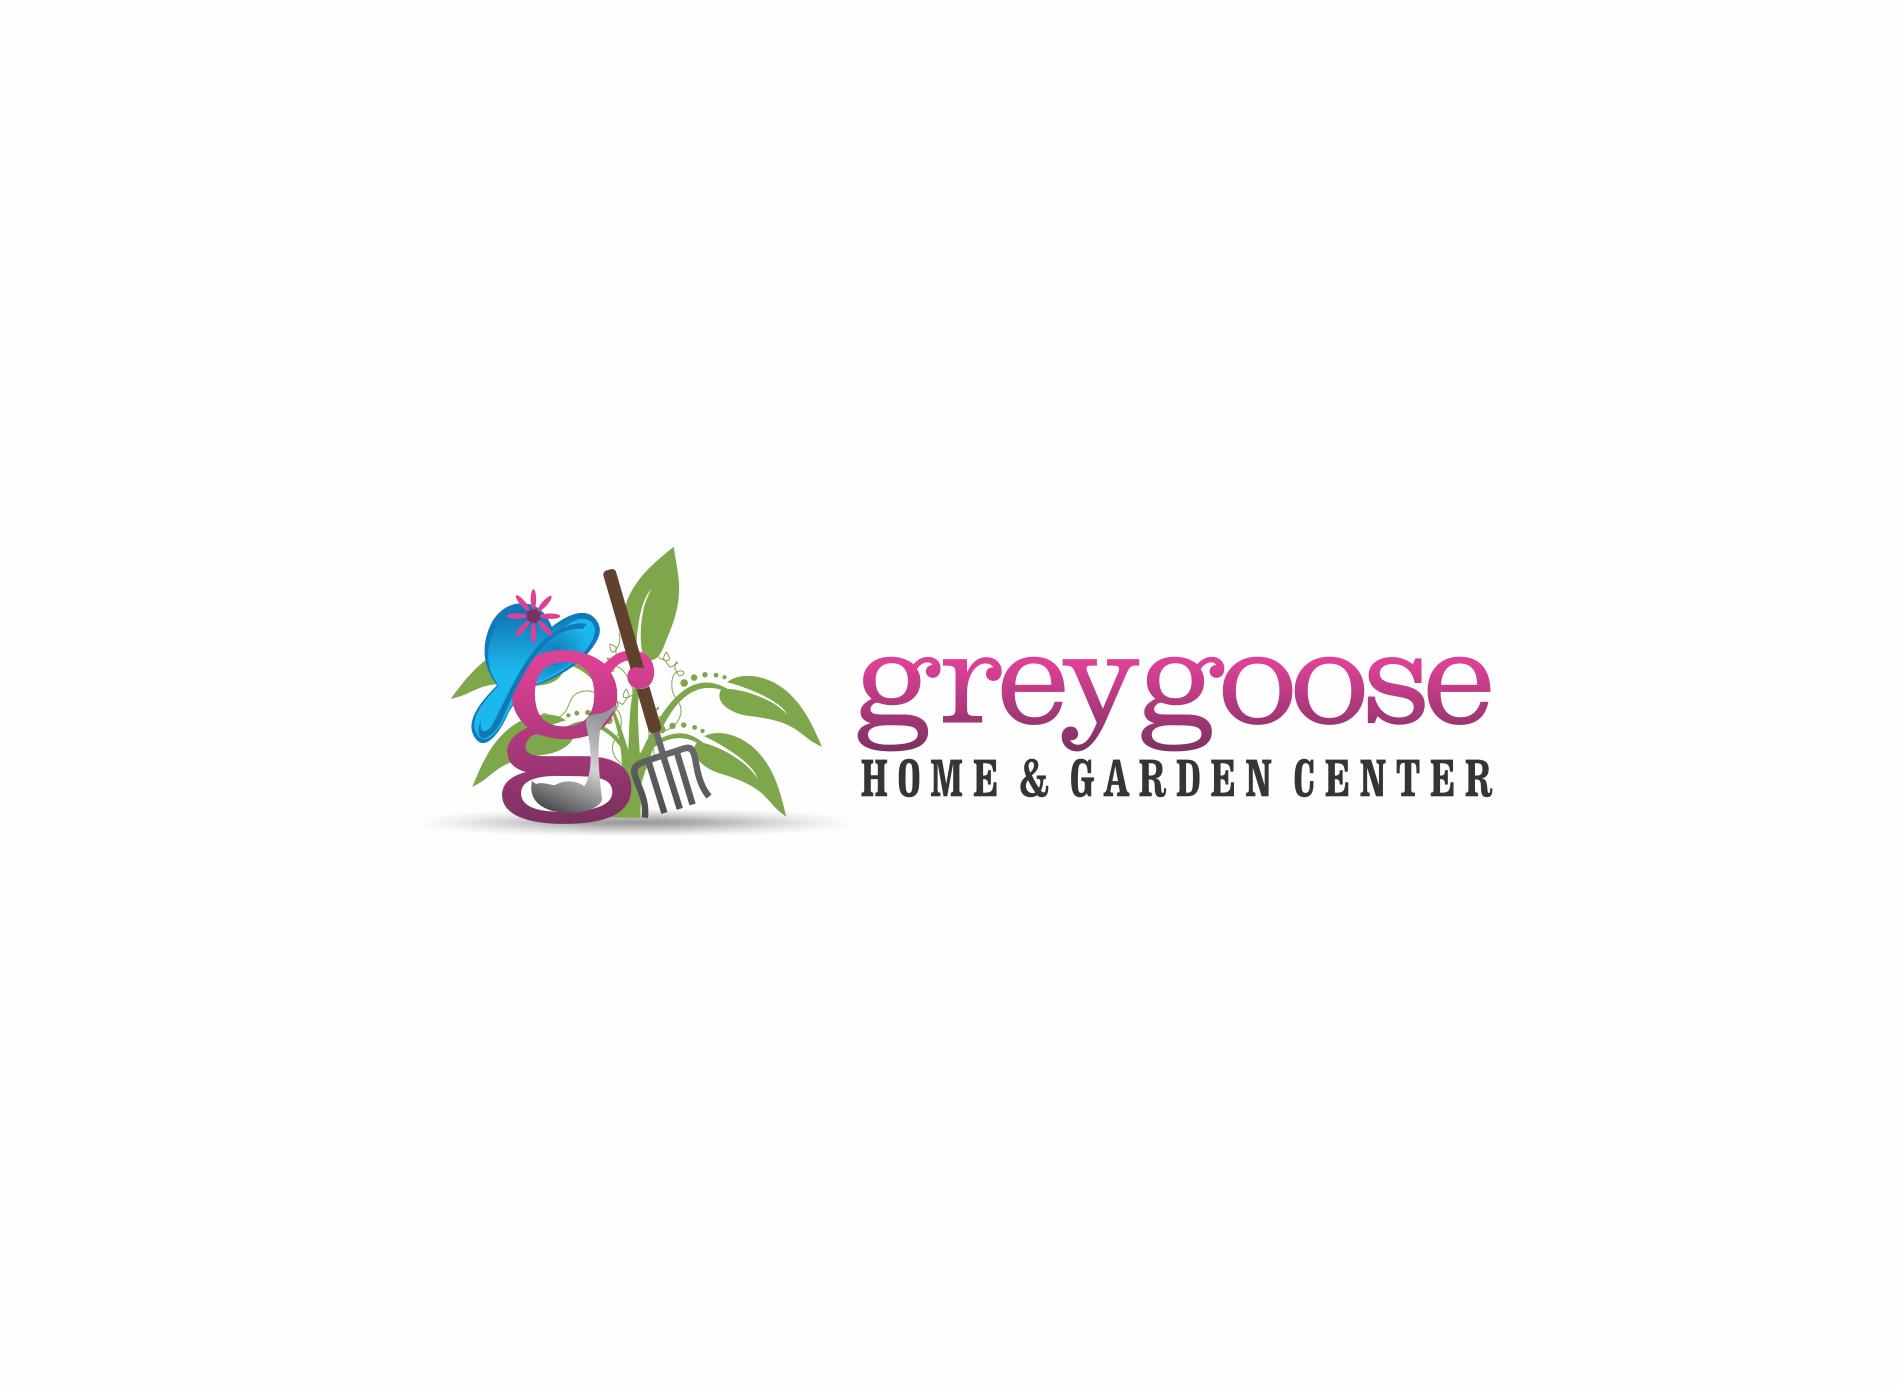 Grey Goose Needs A New Vibrant/Chic/Hip Logo For Their Nursery & Garden Center